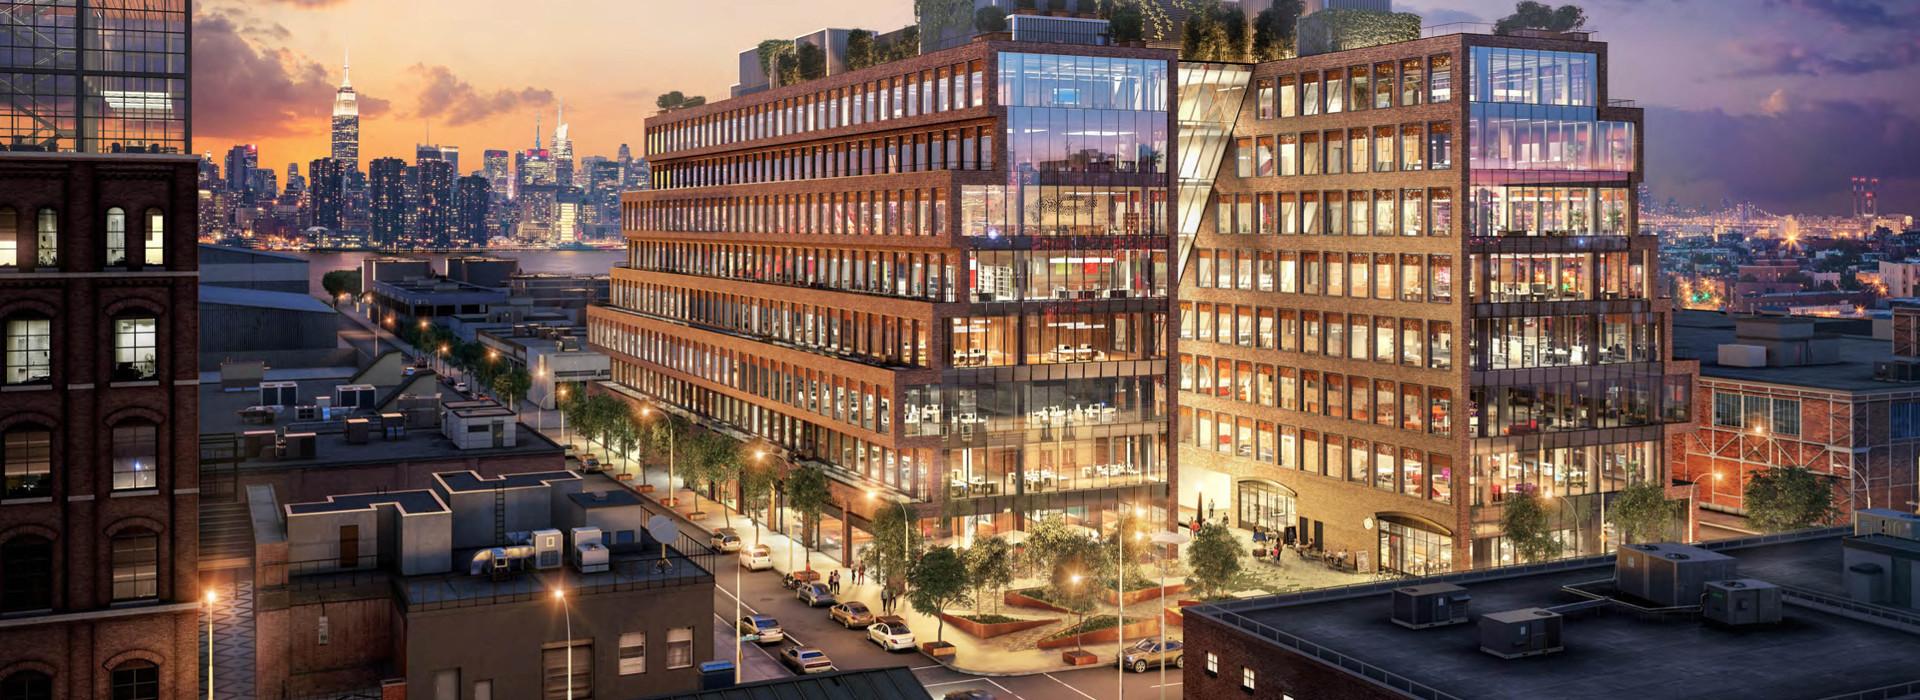 Apartamentos en alquiler en greenpoint brooklyn new york casas - Alquiler apartamentos nueva york ...